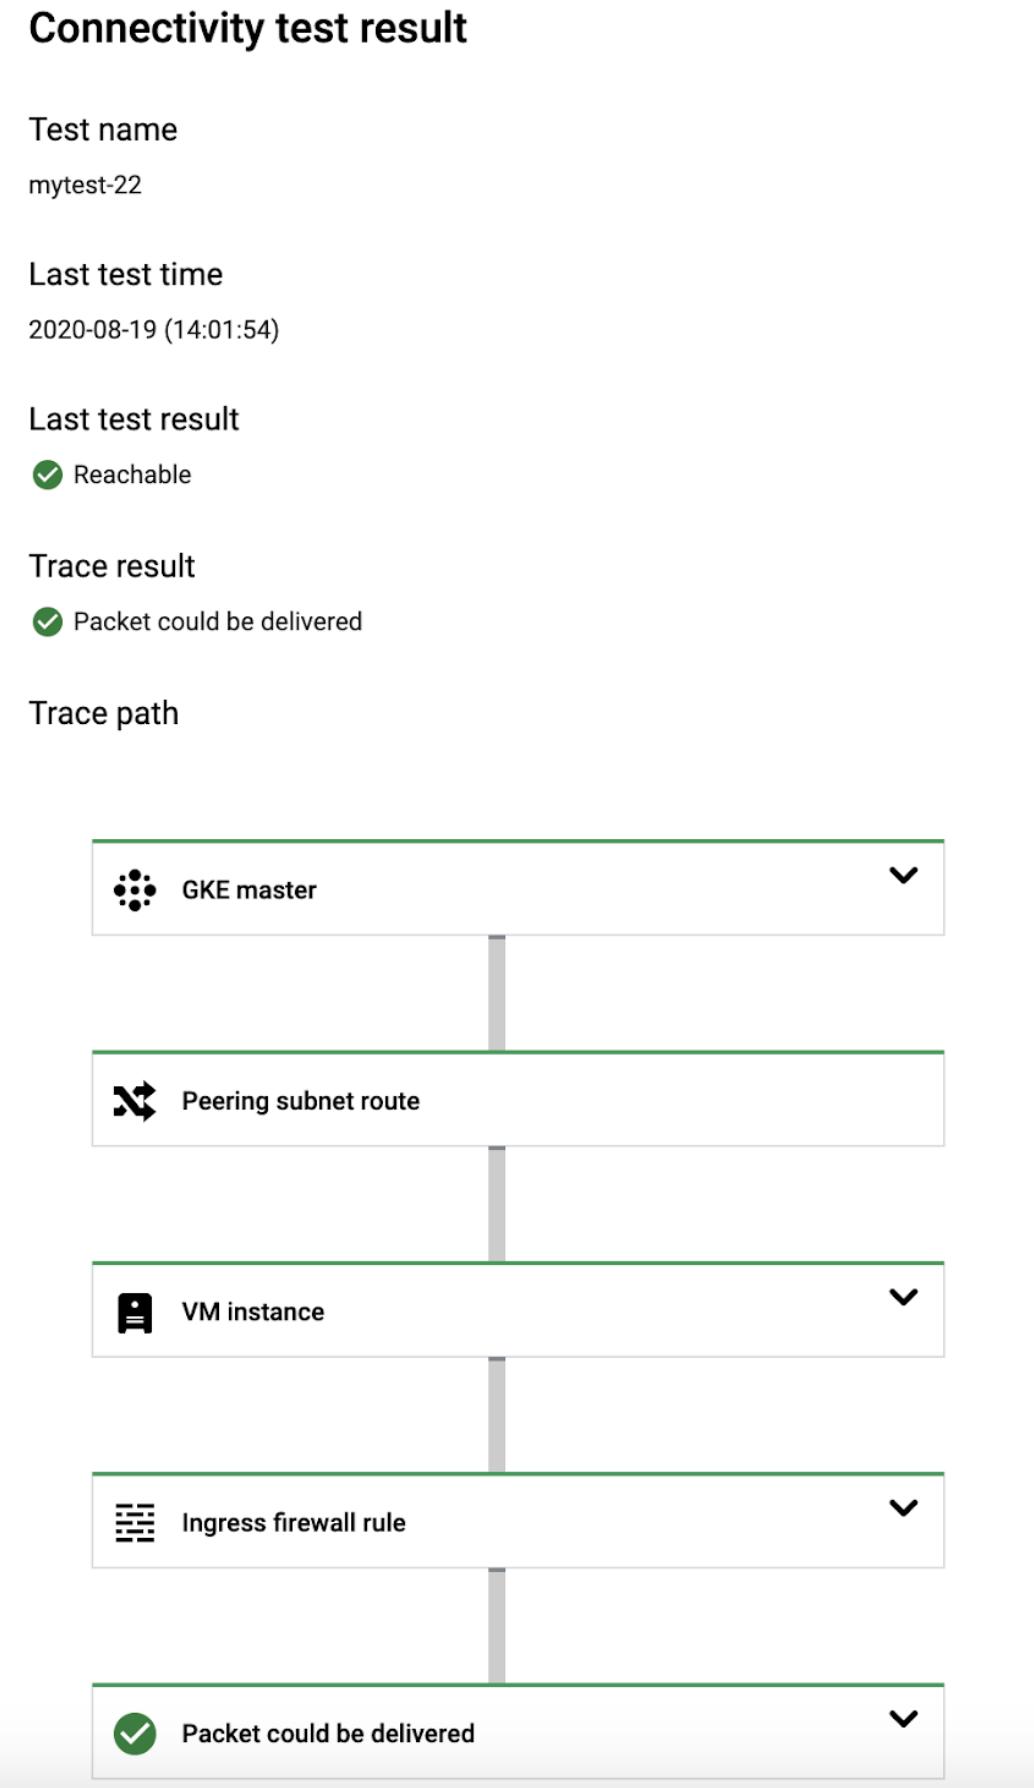 Captura de tela do Console do Cloud para o plano de controle do GKE para o trace do nó.